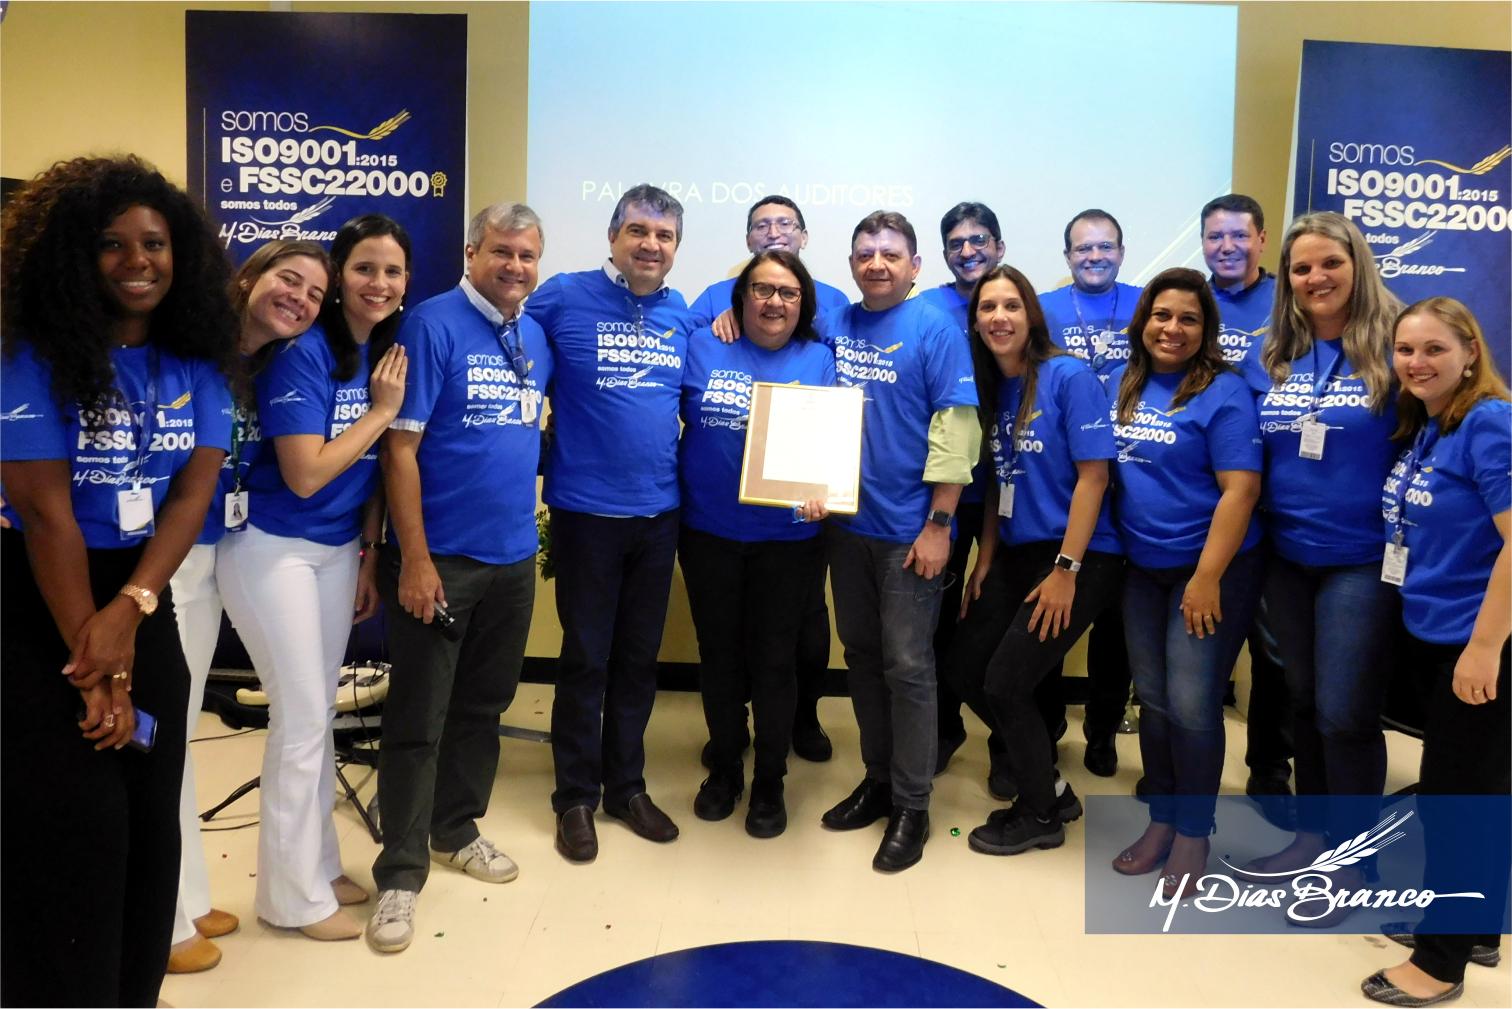 15 anos da unidade GMA é comemorado com conquista de certificações